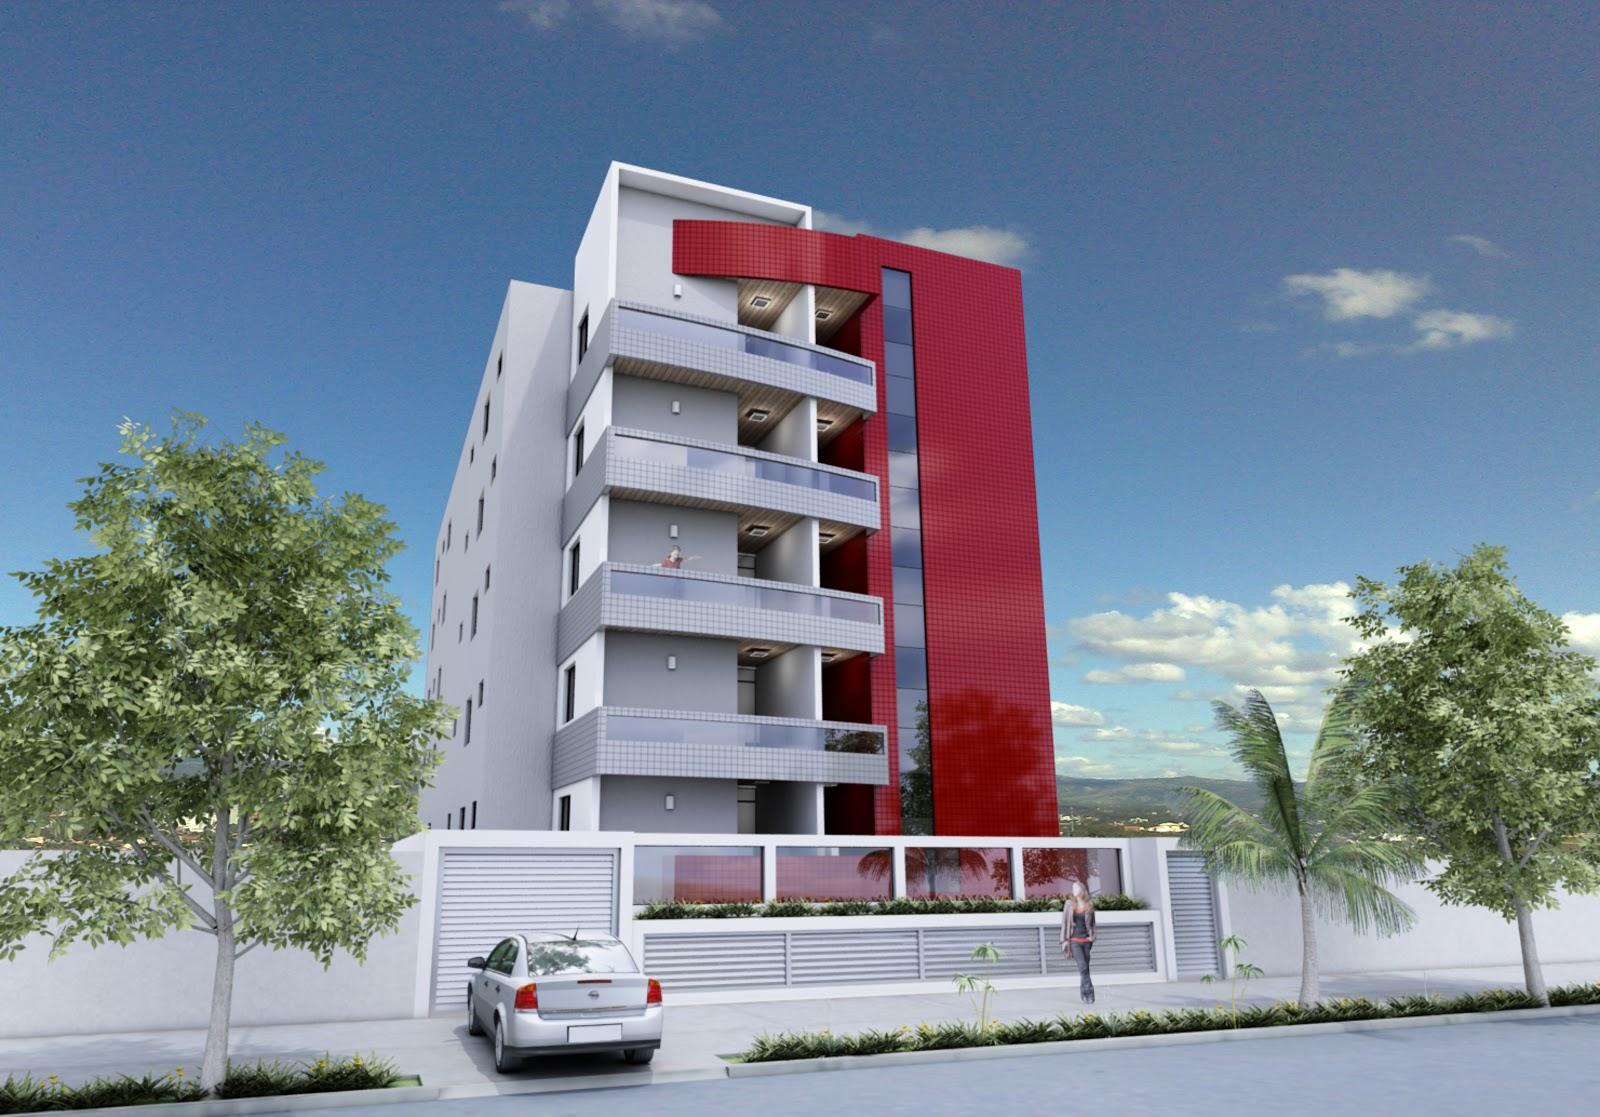 plantas de casas de 2 andares Quotes #872433 1600x1117 Banheiro Bbb 2014